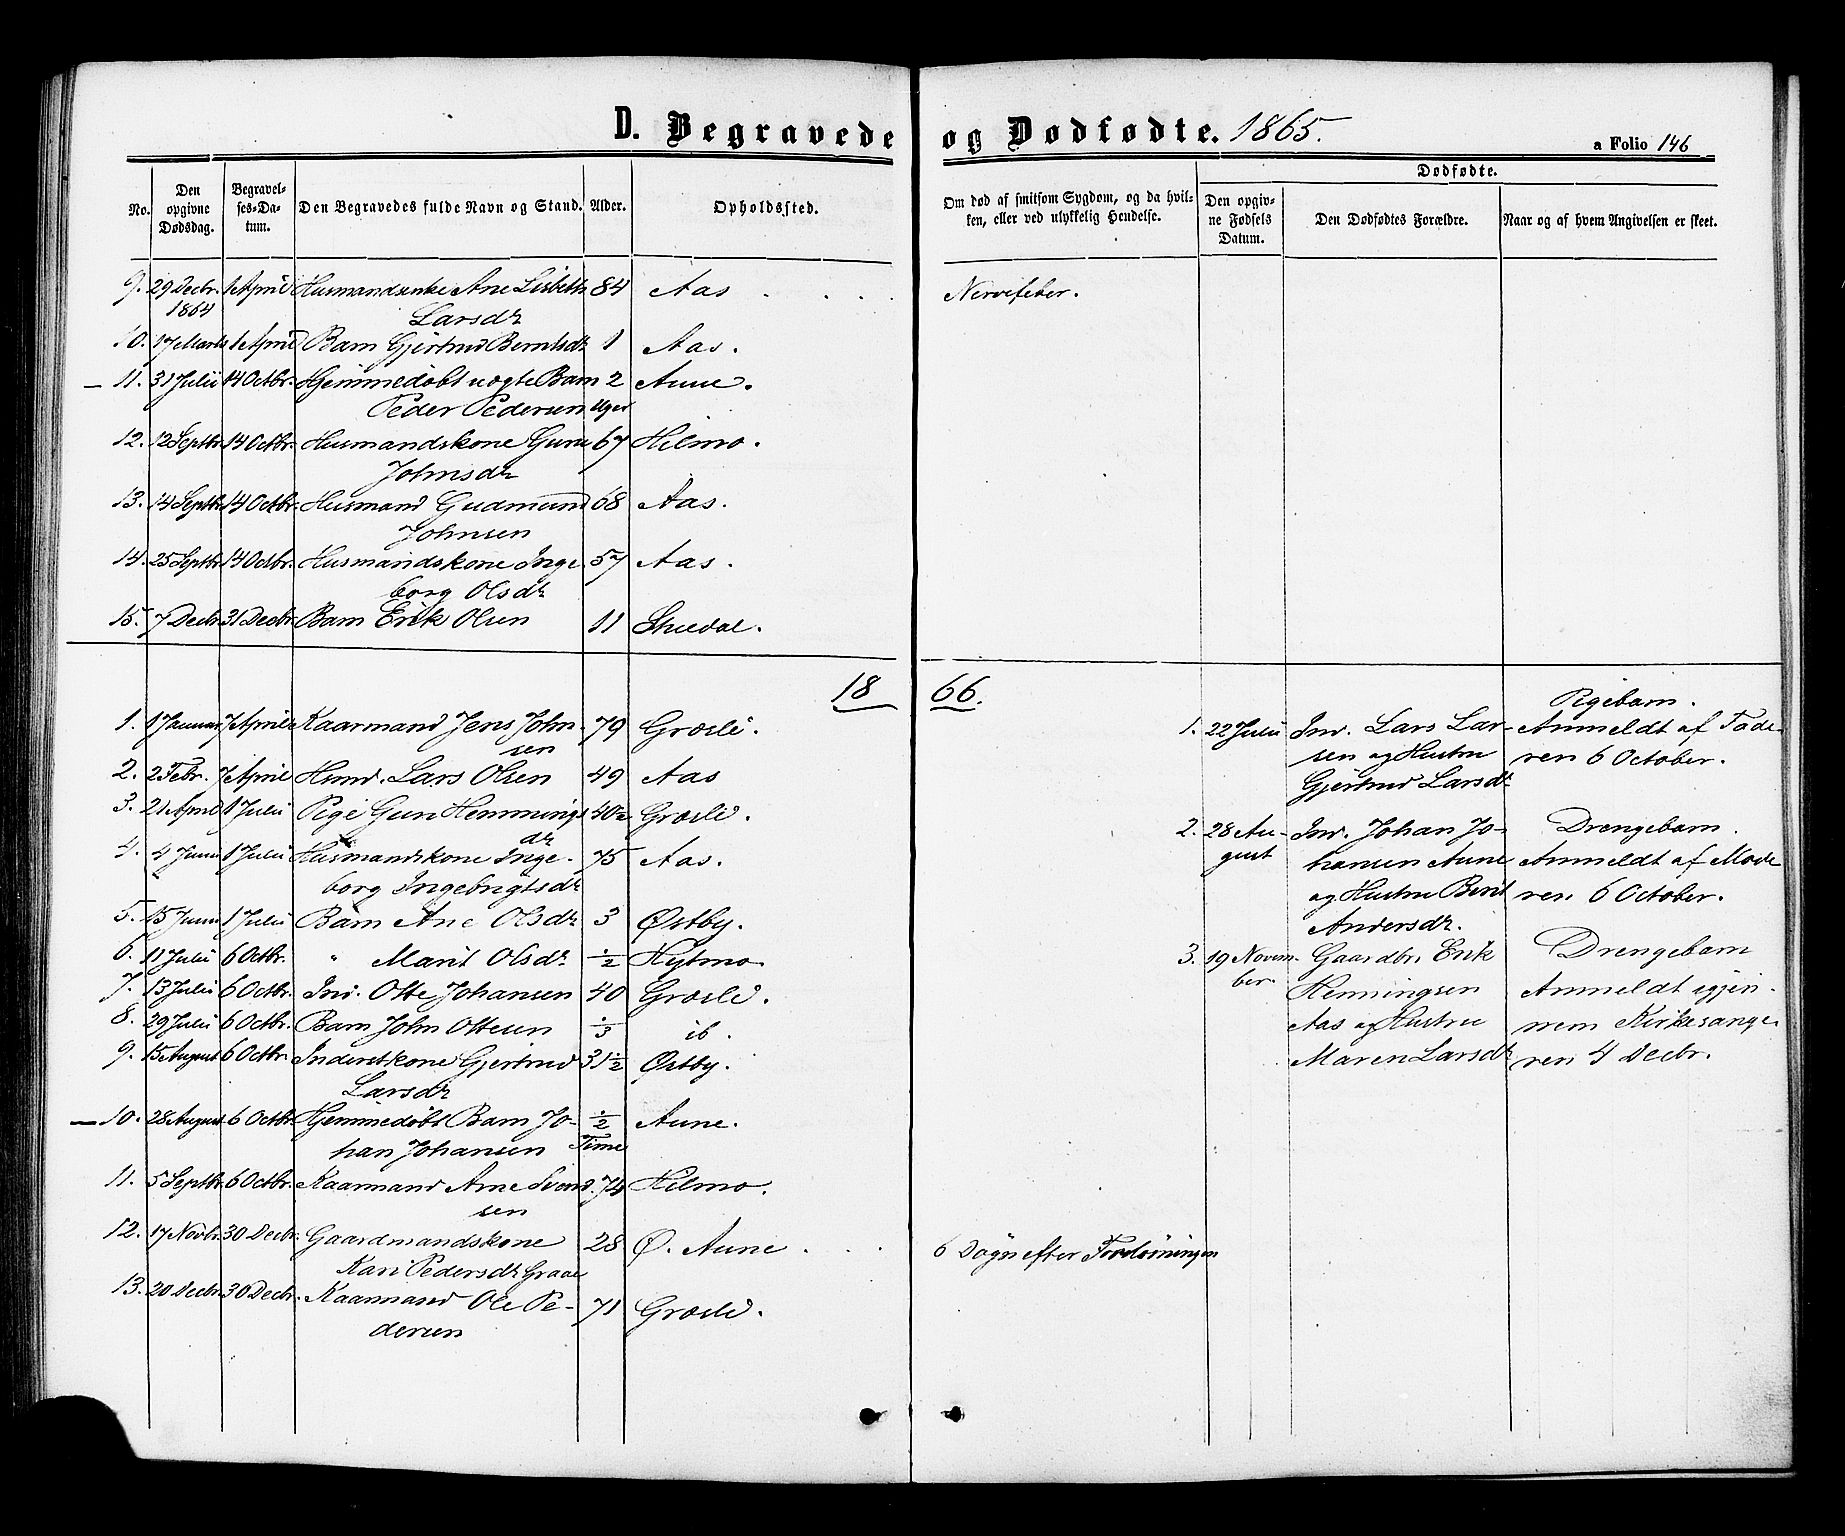 SAT, Ministerialprotokoller, klokkerbøker og fødselsregistre - Sør-Trøndelag, 698/L1163: Ministerialbok nr. 698A01, 1862-1887, s. 146